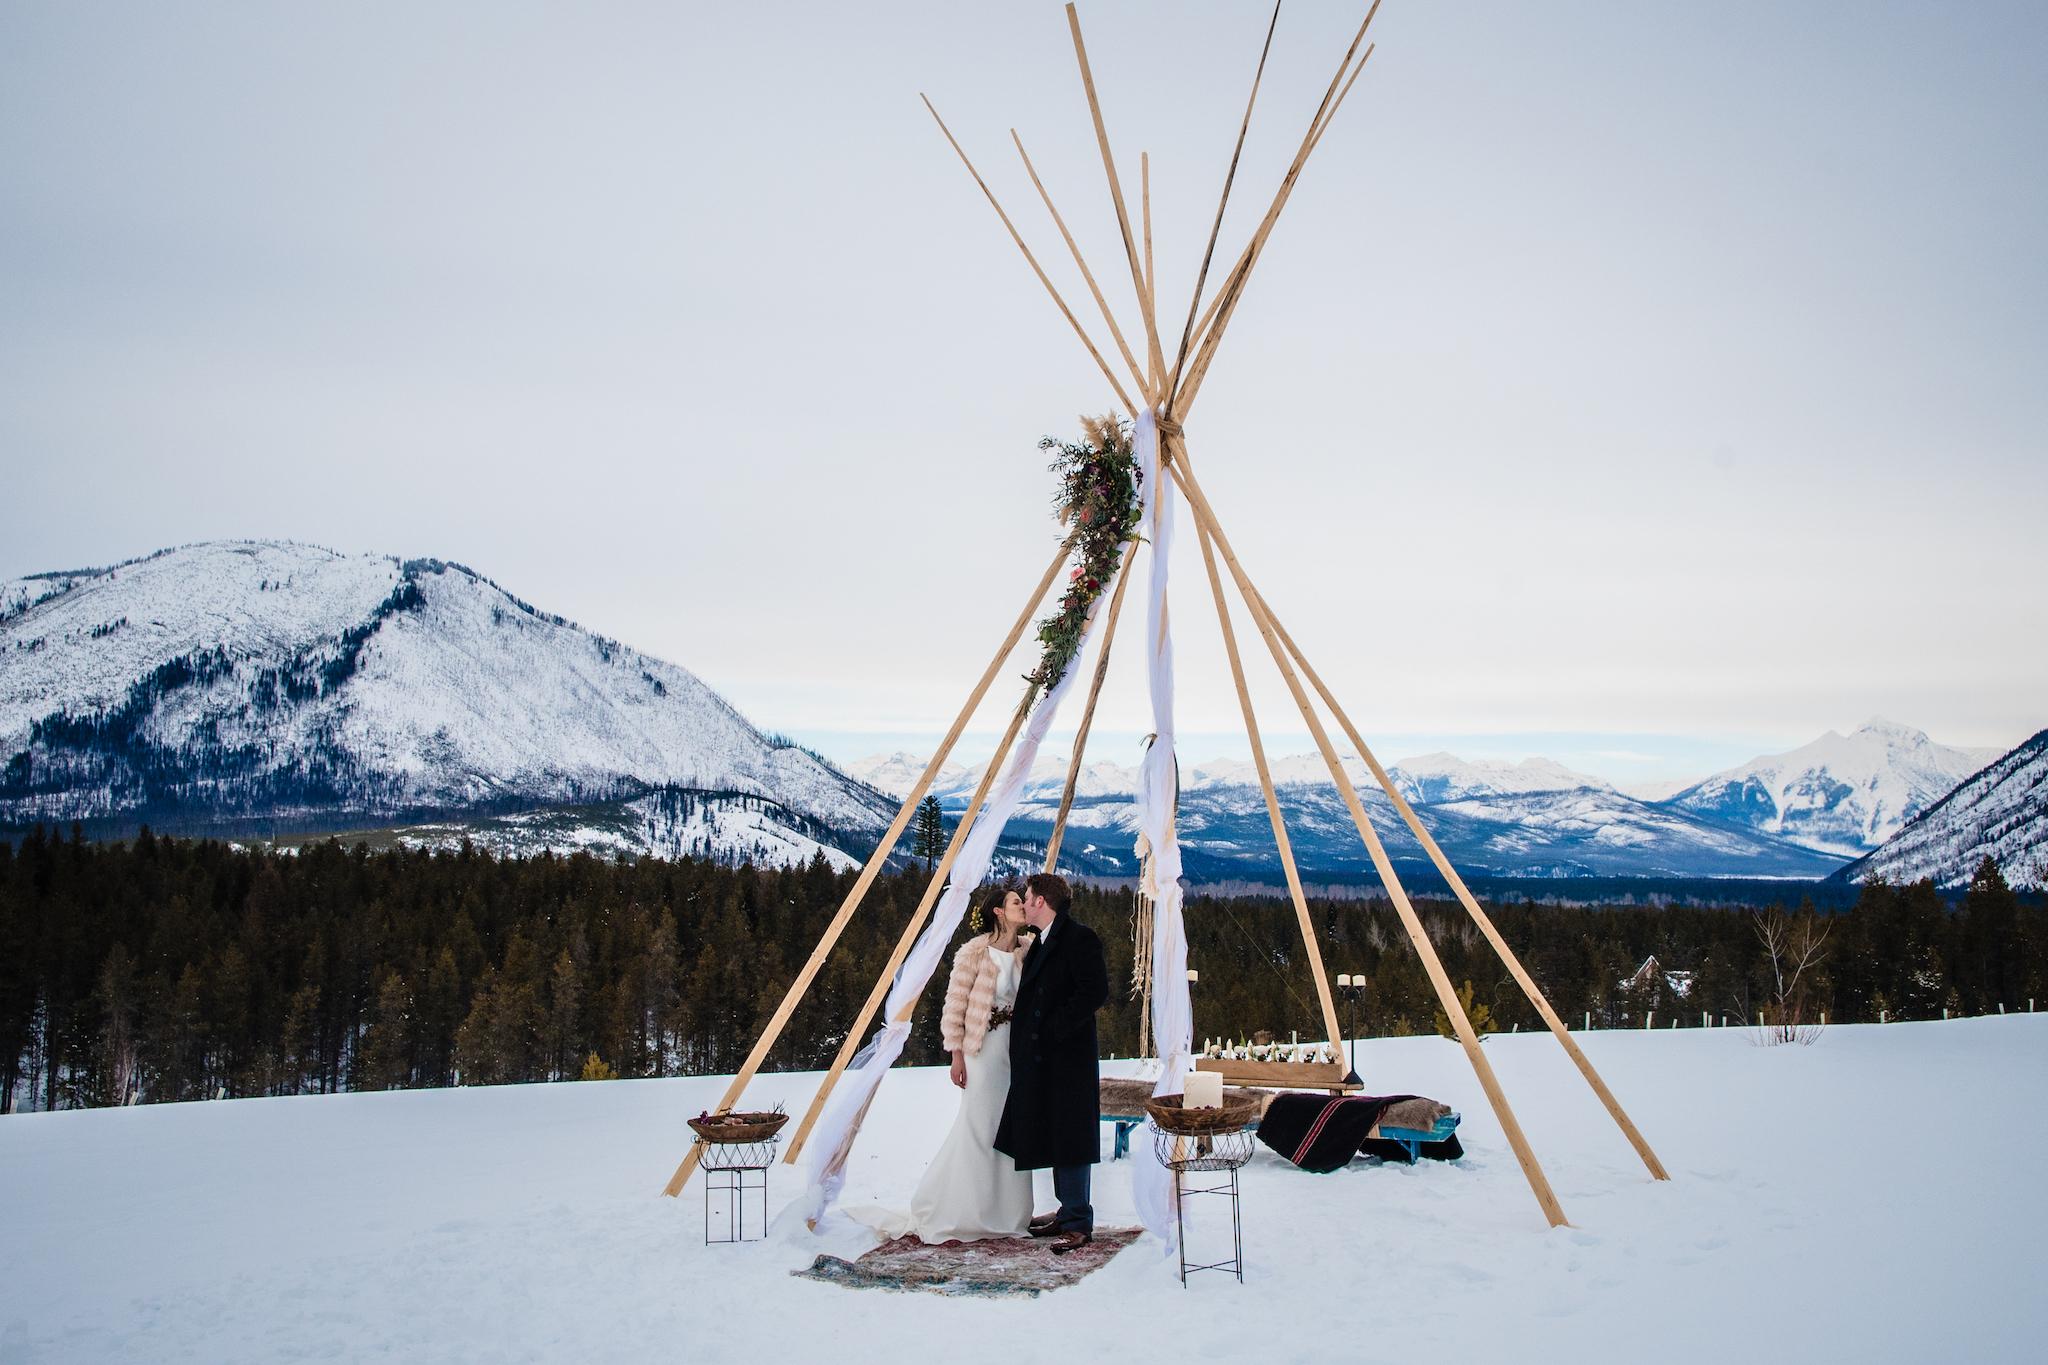 GoingtotheSunChalets_Weddings_LindseyJanePhotography3.jpg